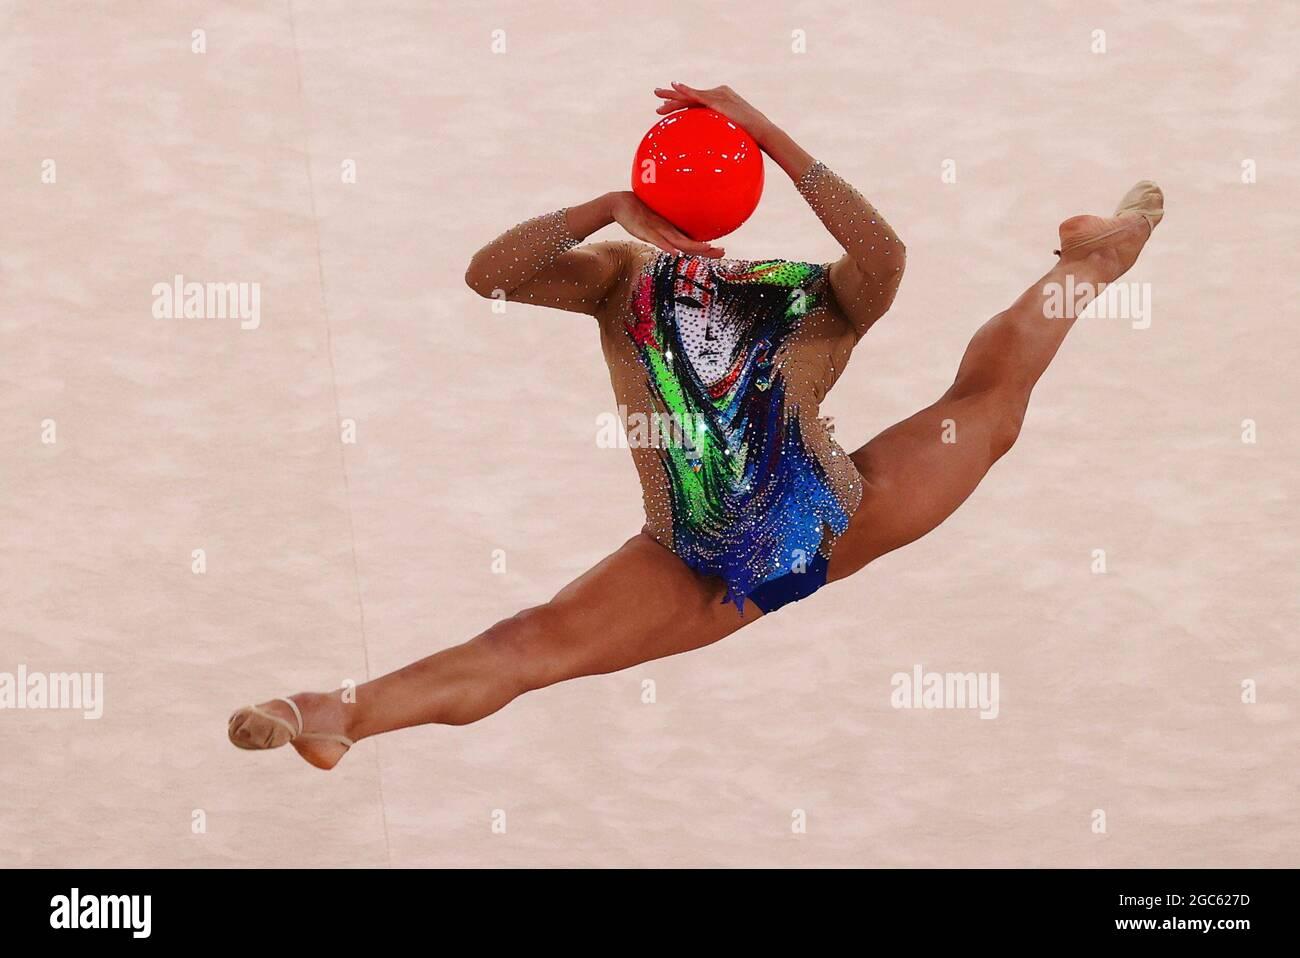 Olympische Spiele 2020 In Tokio - Gymnastik - Rhythmisch - Individuelles Rundum - Finale - Rotation 2 - Ariake Gymnastik Center, Tokio, Japan - 7. August 2021. Linoy Ashram aus Israel in Aktion mit Ball REUTERS/Lindsey Wasson Stockfoto